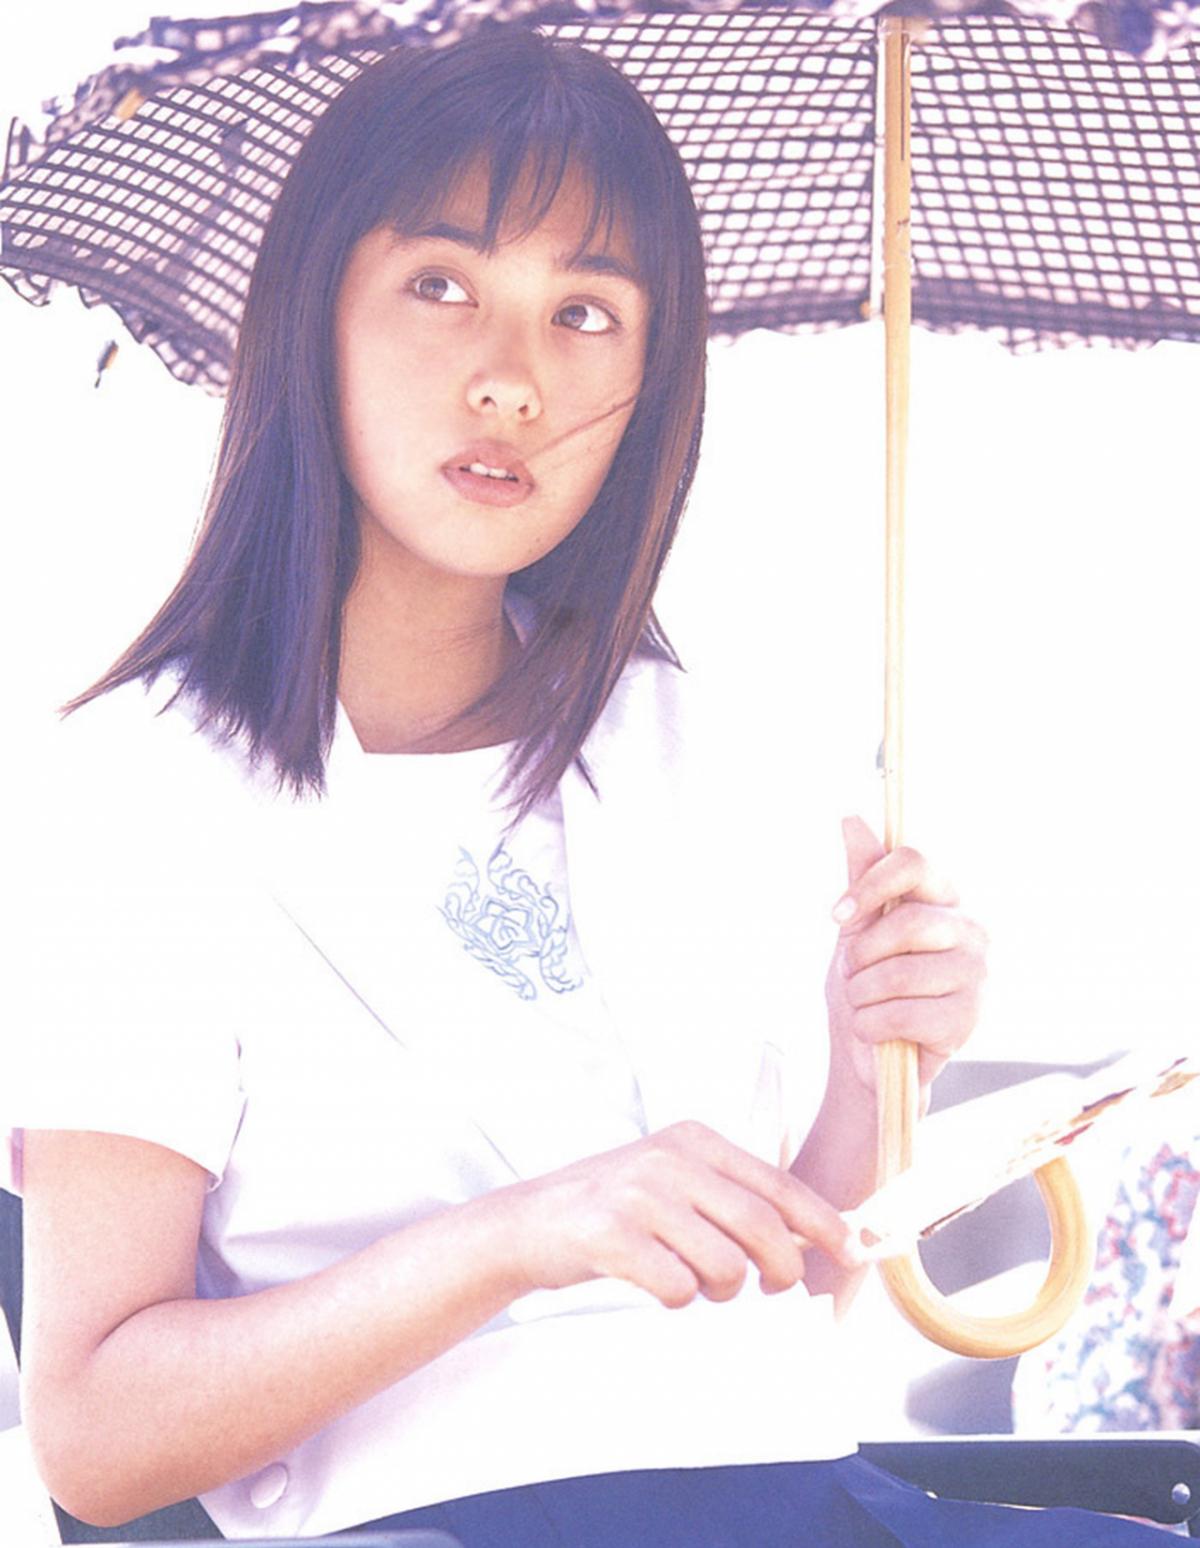 被锁在保险柜里的日本艺人吹石一惠的写真作品 (33)